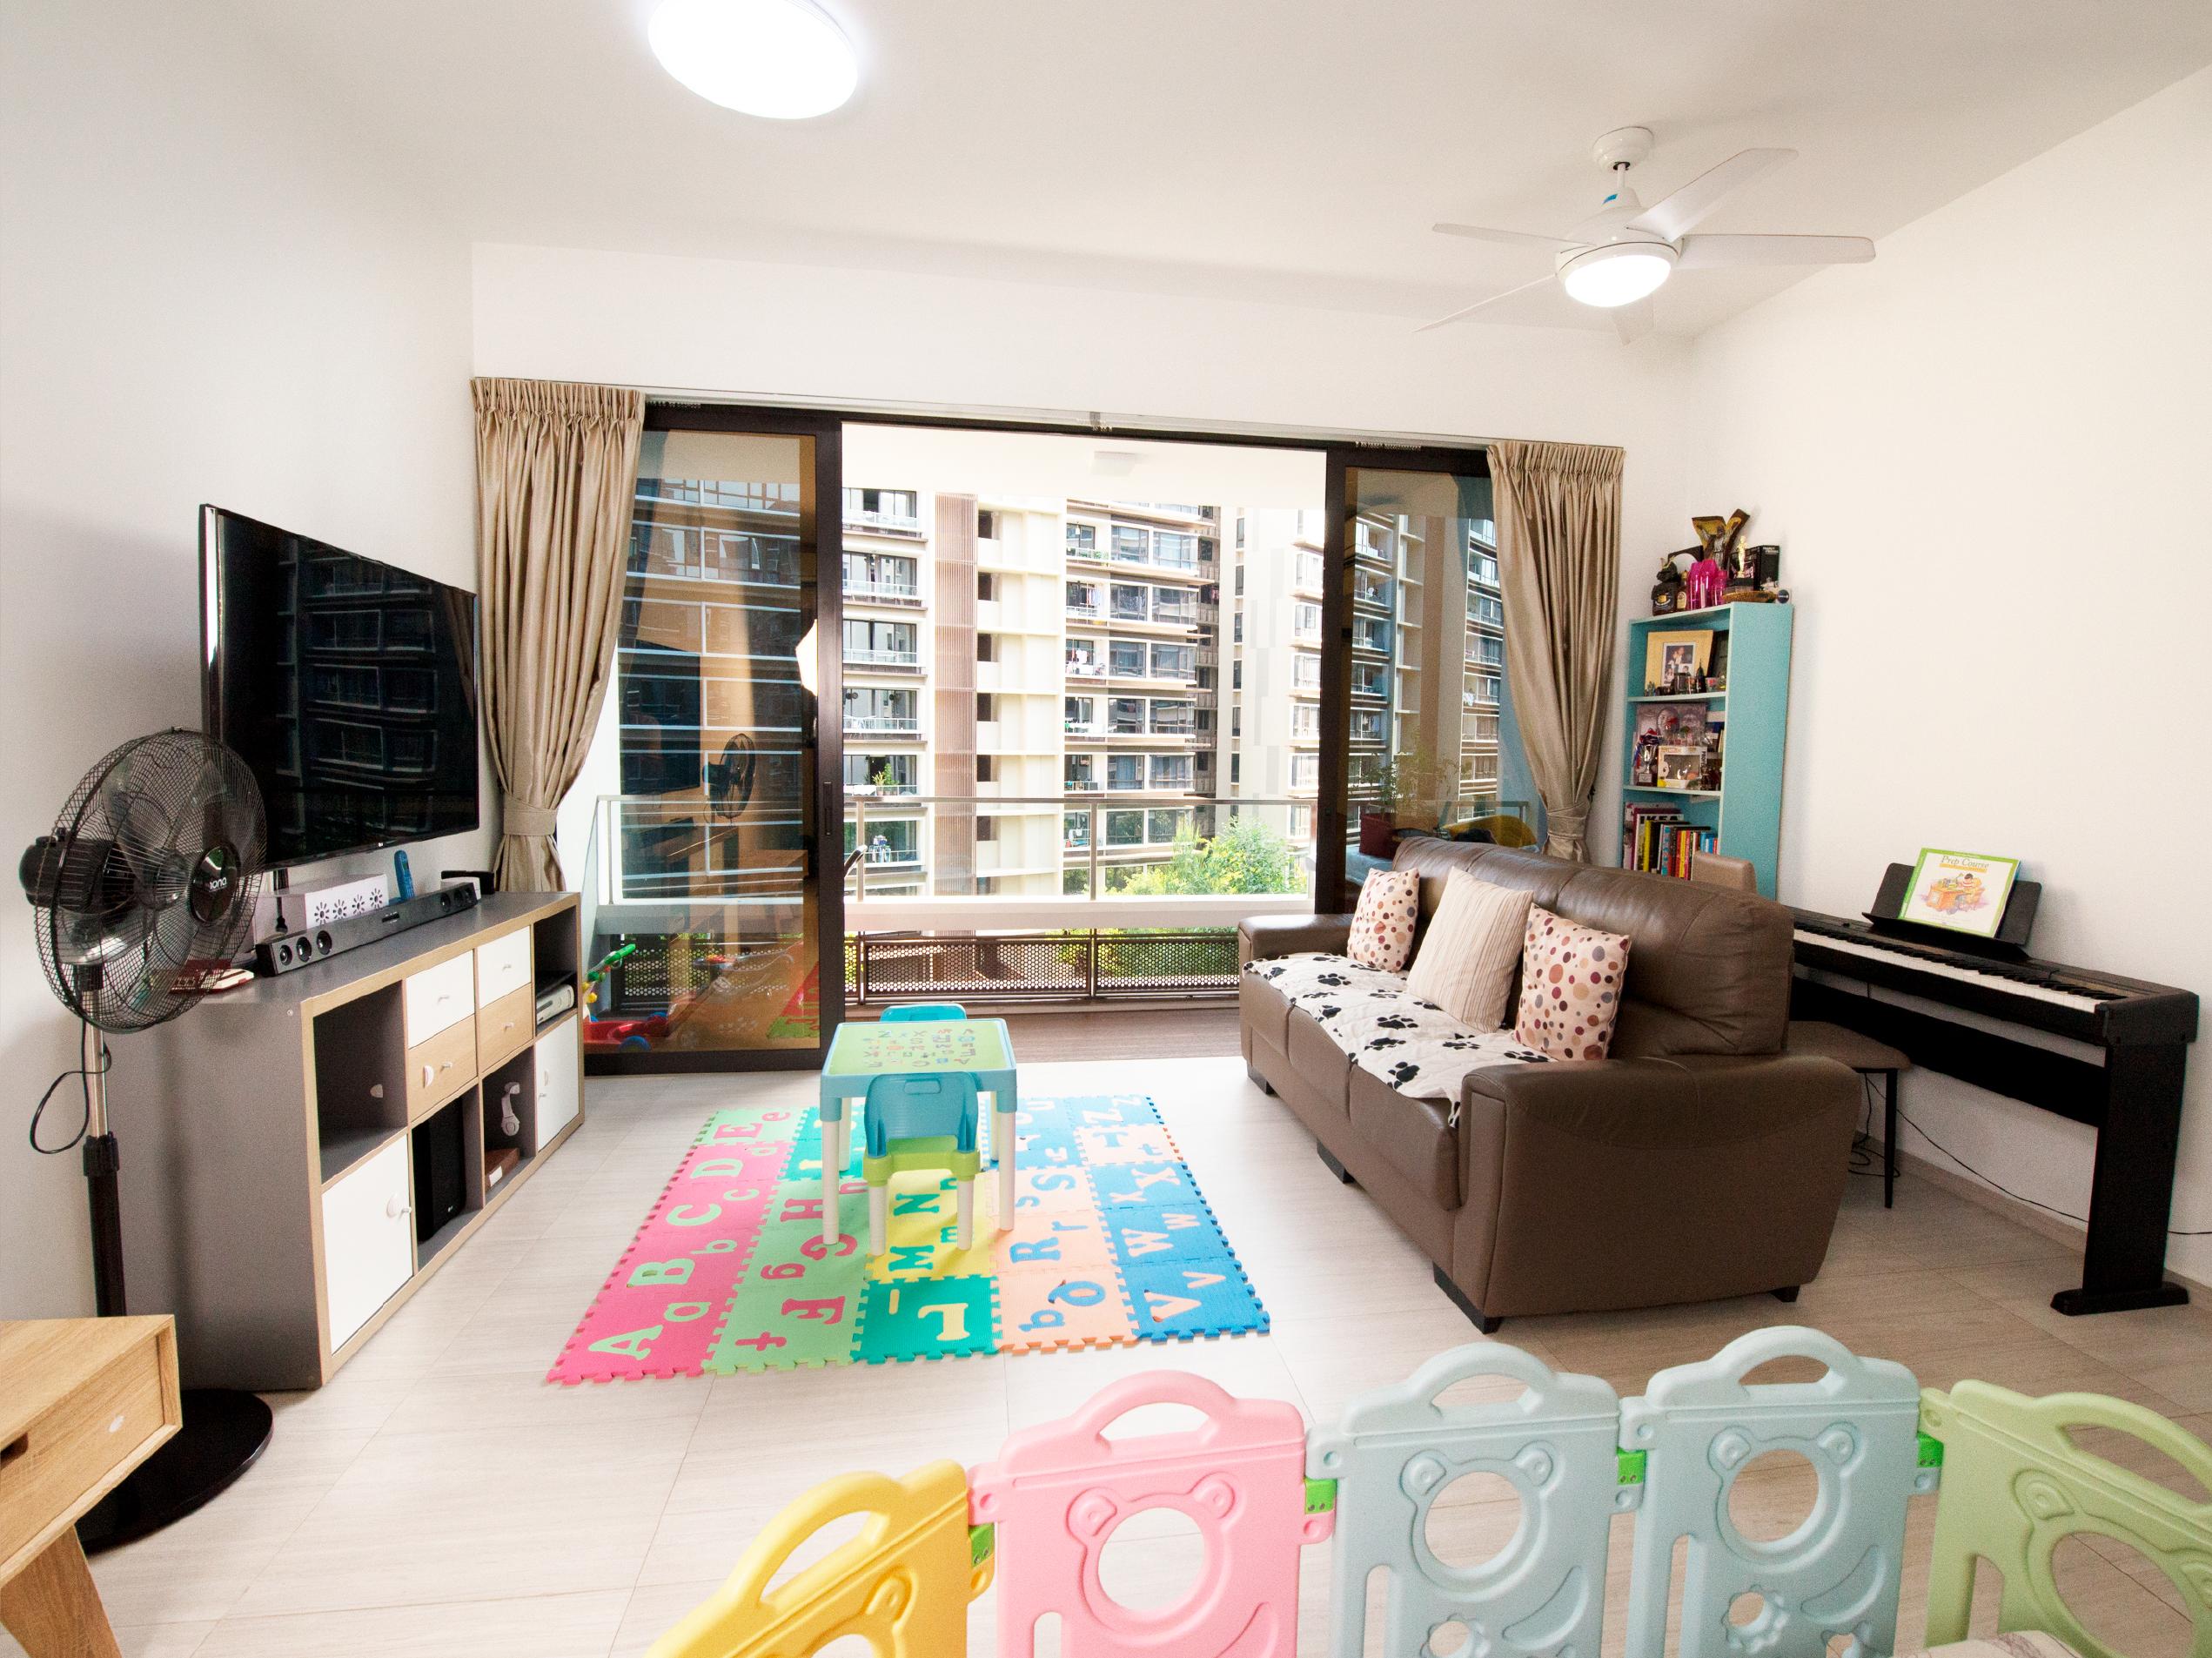 4-room condo in Pasir Ris